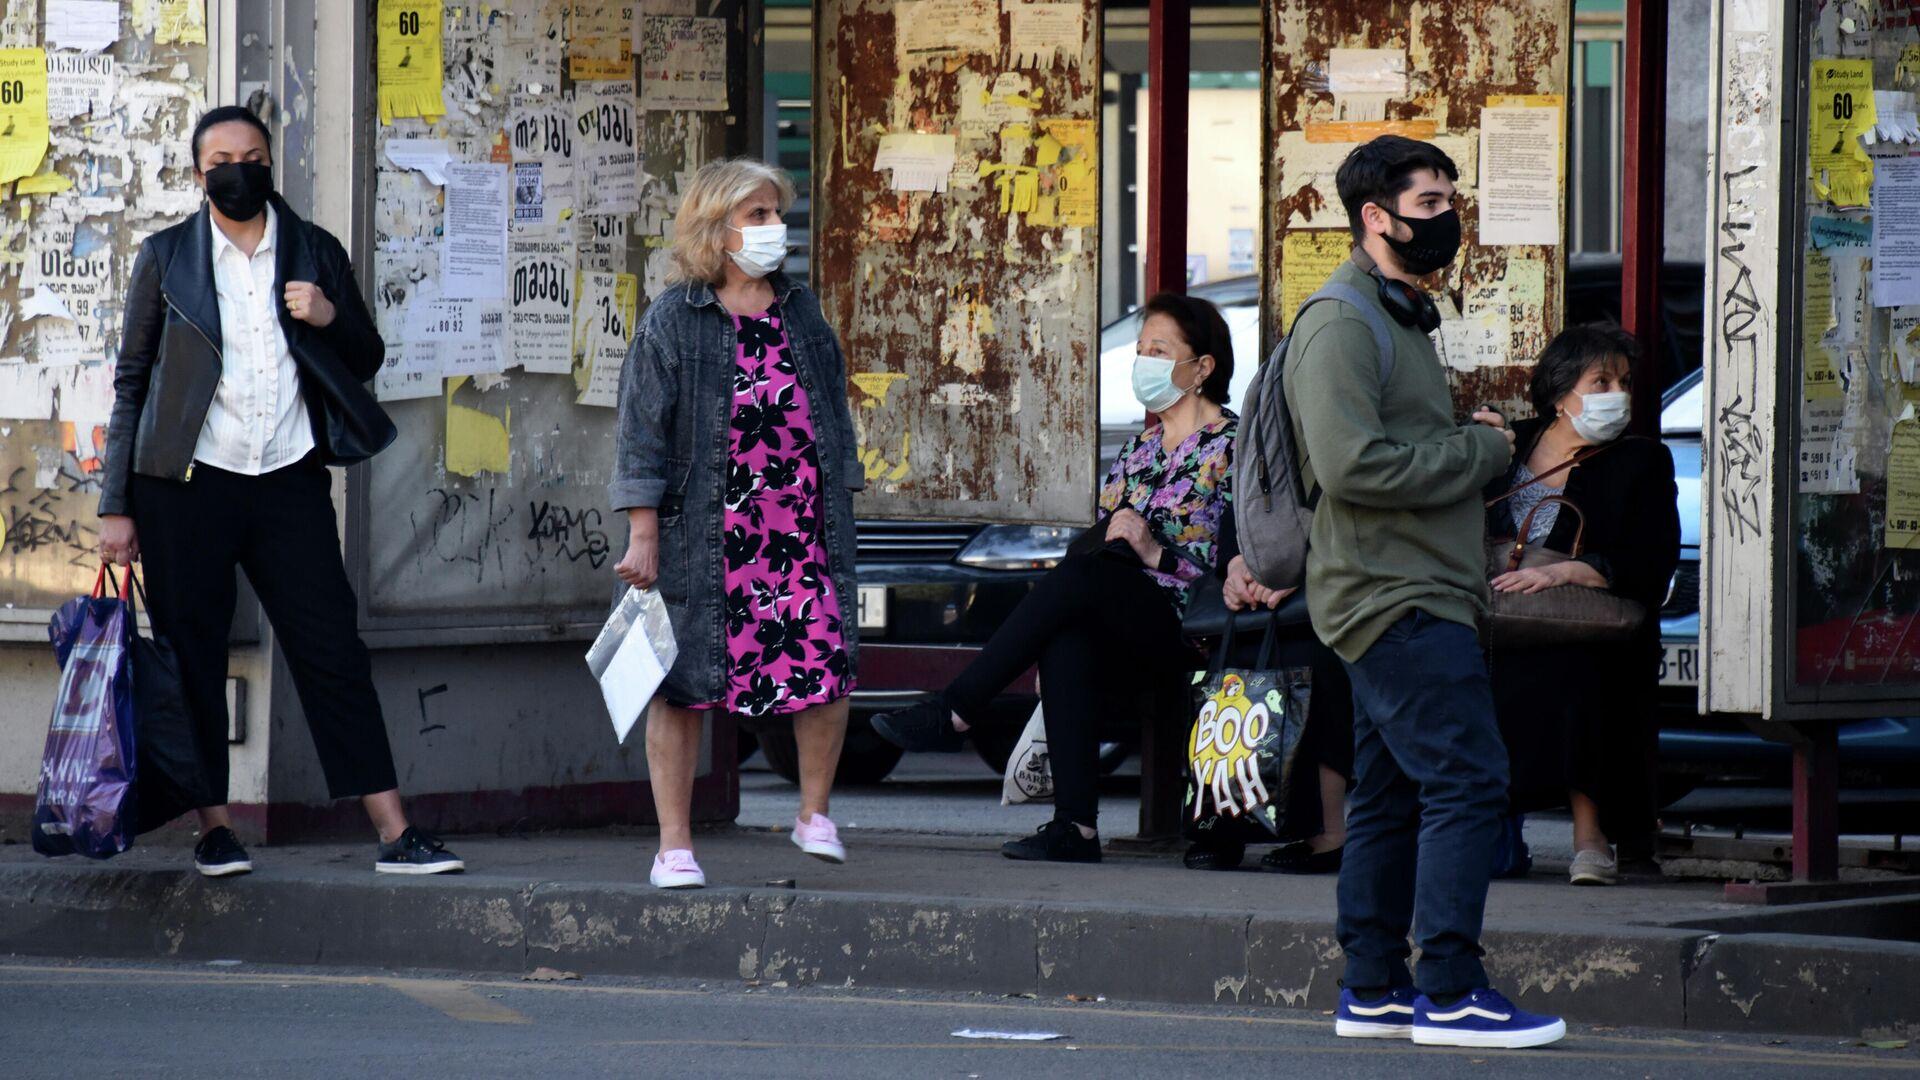 Эпидемия коронавируса - прохожие на улице в масках на автобусной остановке - Sputnik Грузия, 1920, 01.10.2021